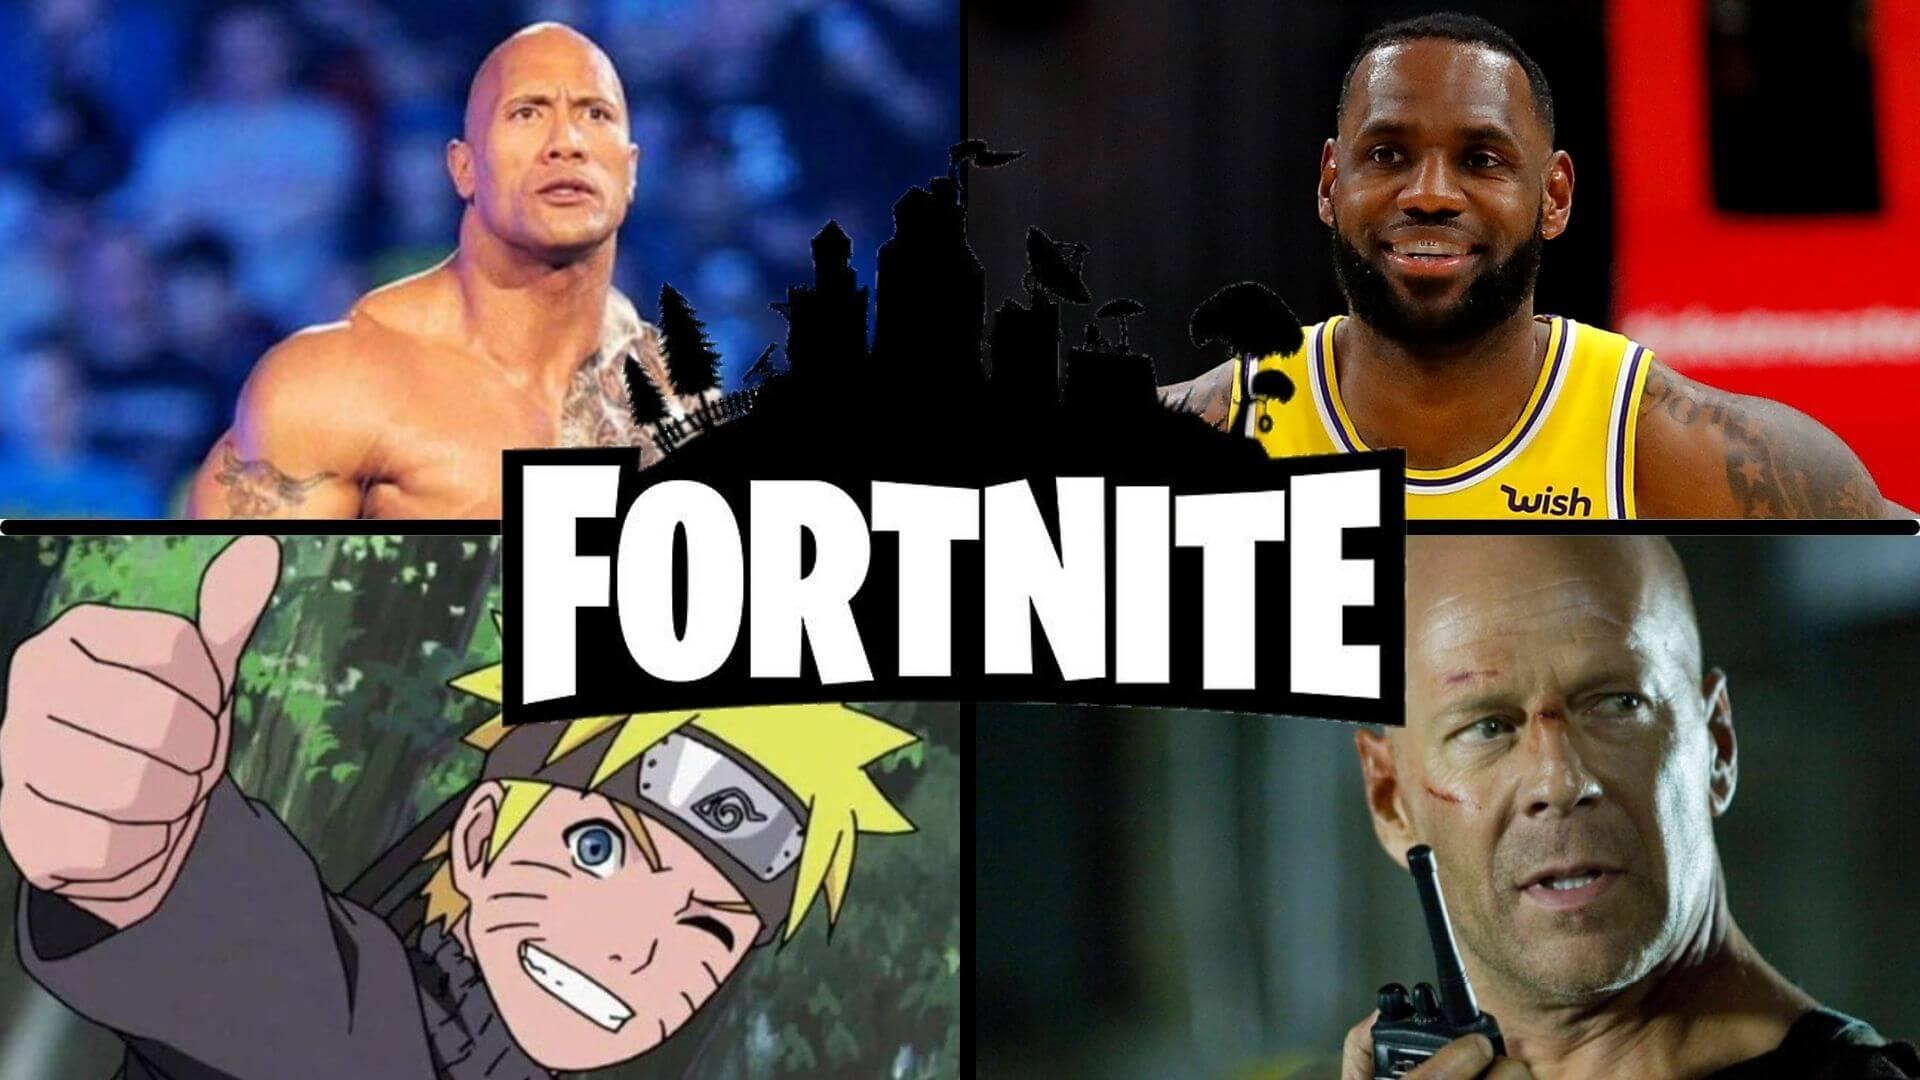 Naruto, LeBron James, The Rock… ¿John McClane? y más personajes llegarán a Fortnite según documentos legales